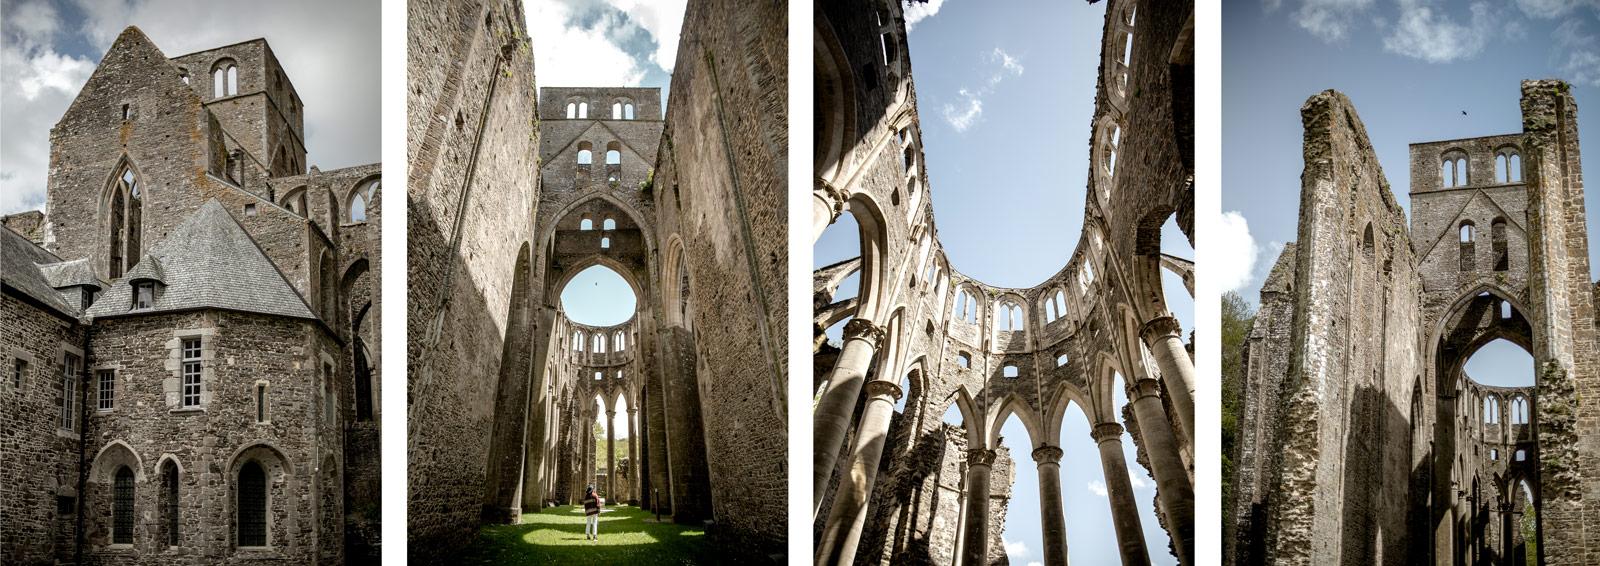 abbaye Hambye Coutances et son architecture gothique